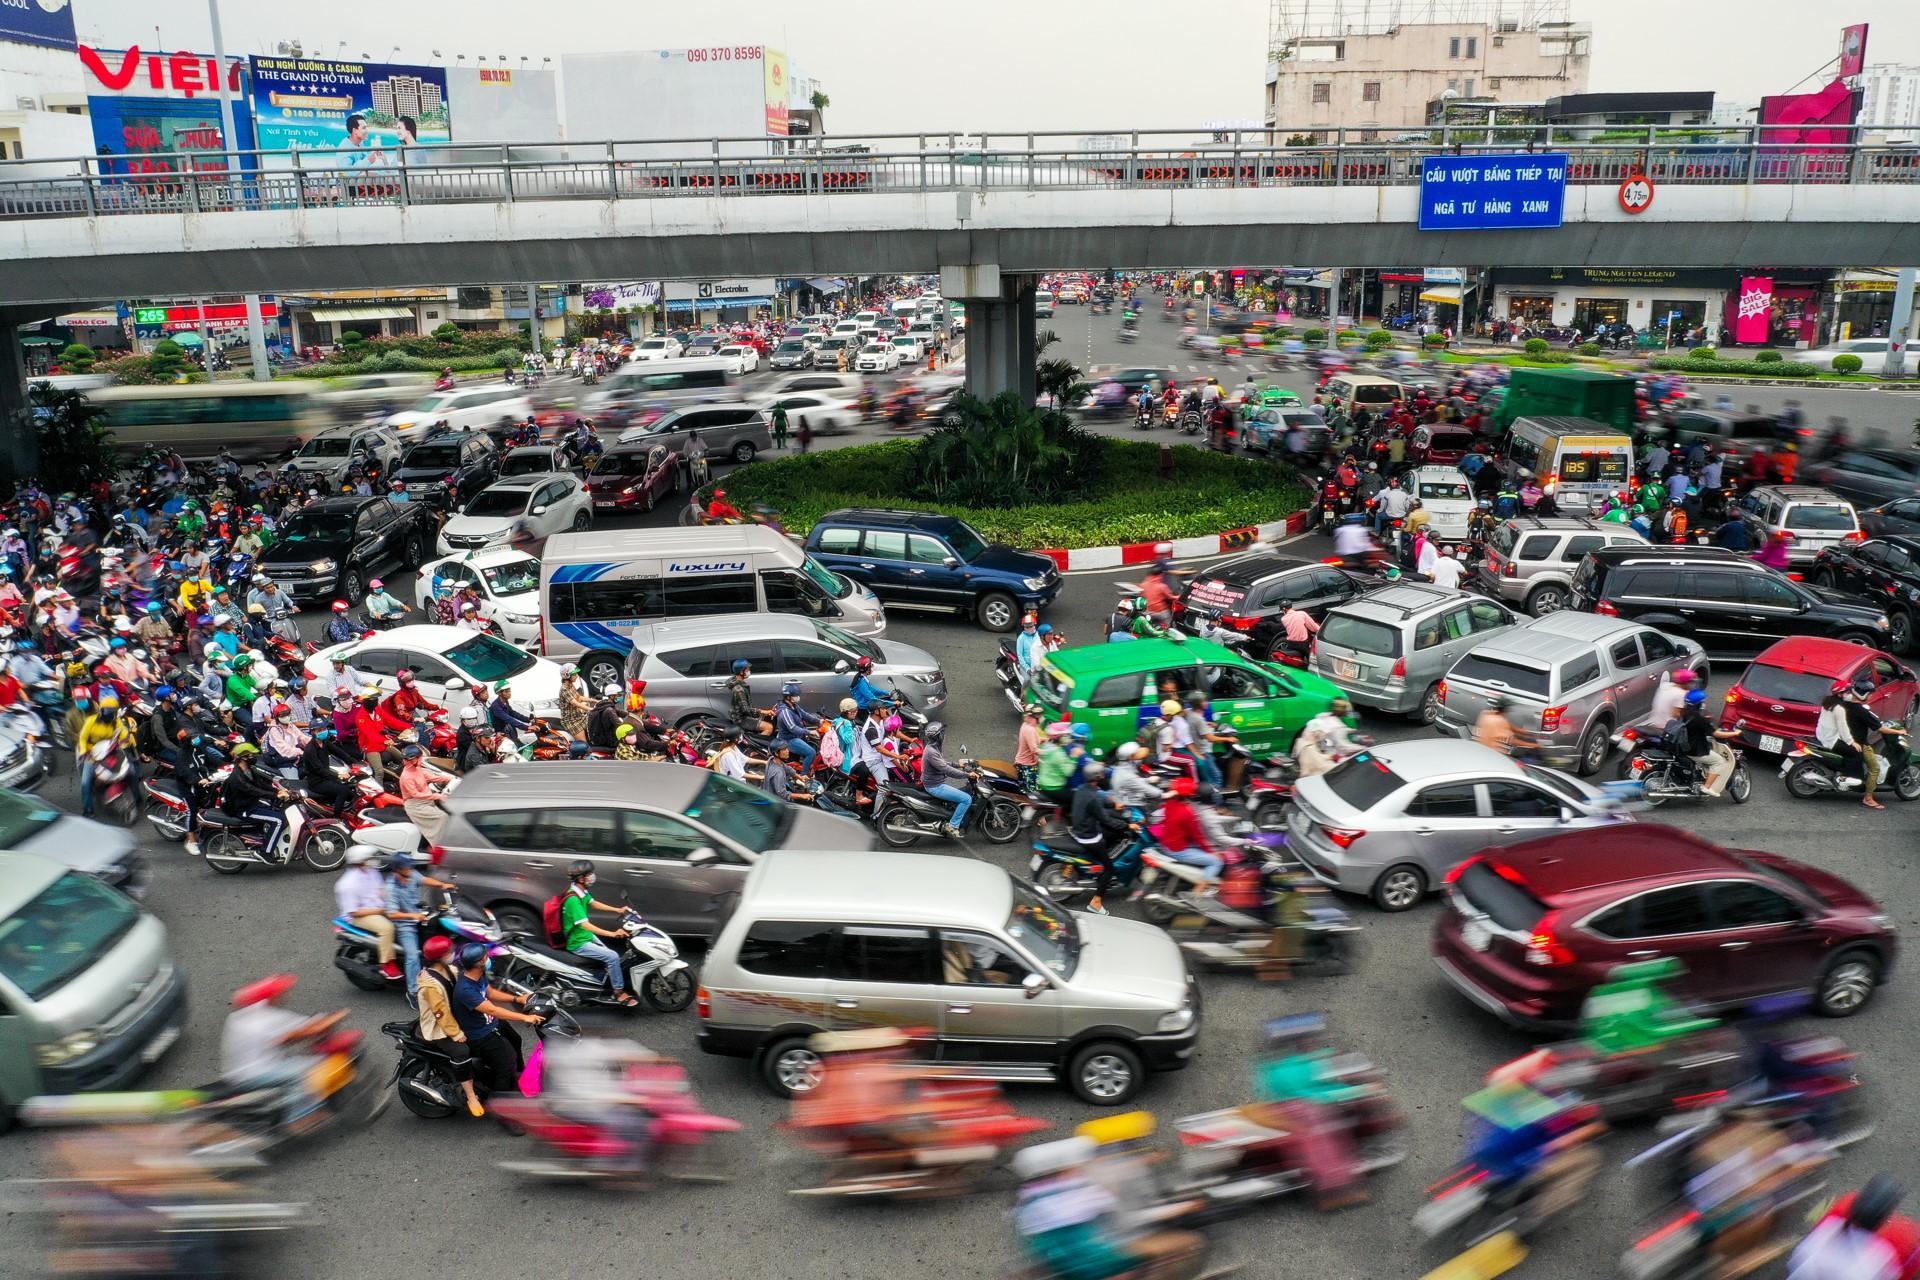 'Con đường dài nhất TP HCM' với gần 600 lần ùn tắc trong 8 tháng - Ảnh 9.